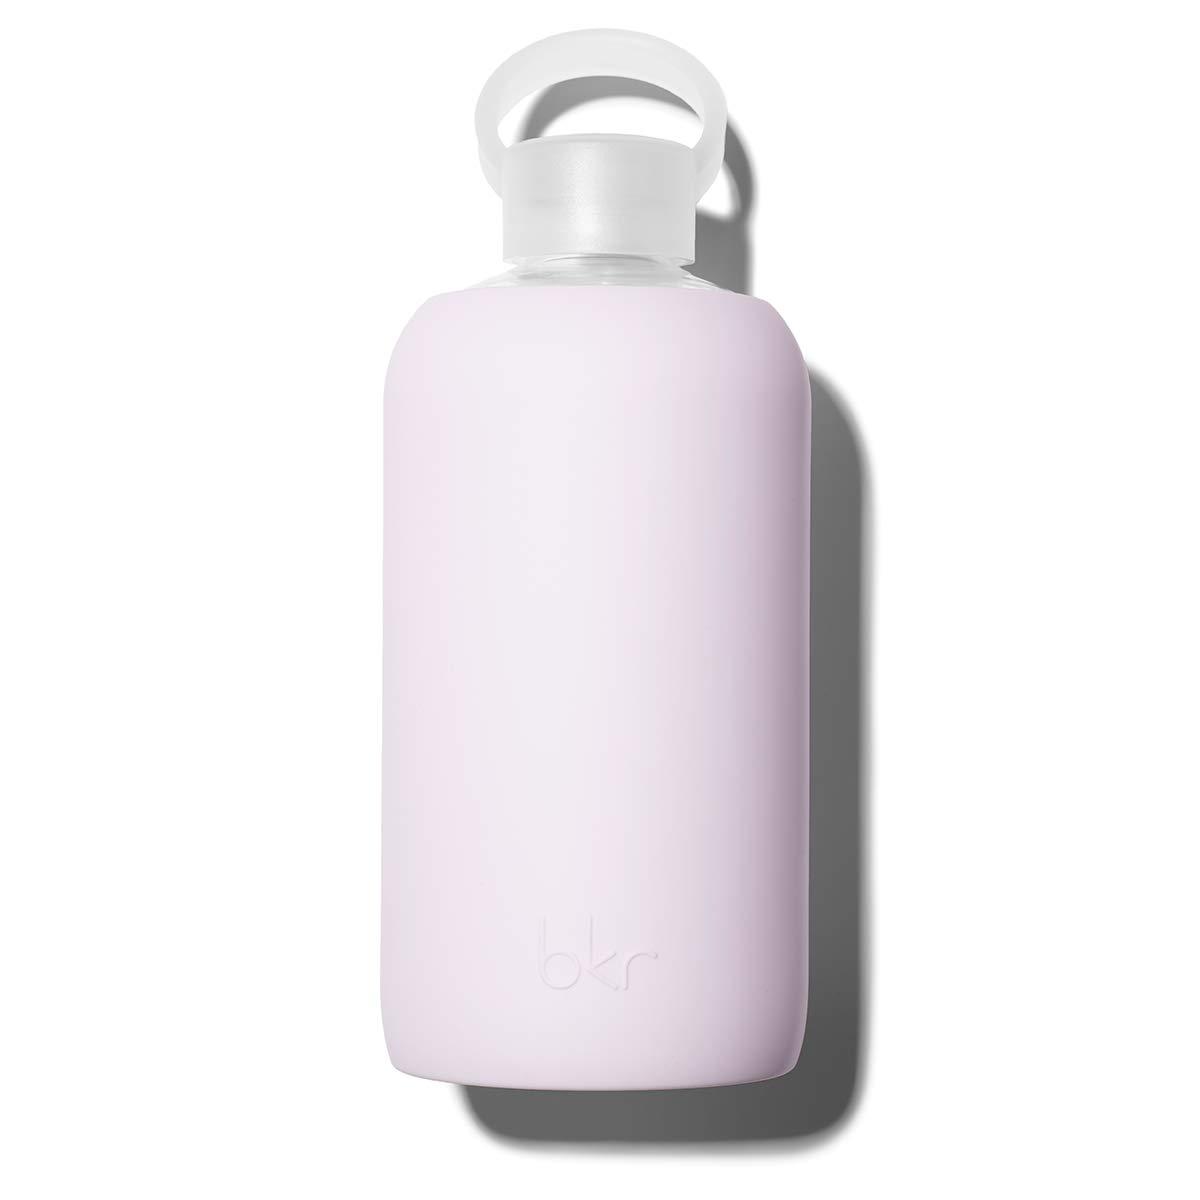 bkr Trinkflasche aus Glas 1 Liter - BIG COLLECTION bkr bottle die Wasserflasche der Stars - das Beauty Essential! (LALA)